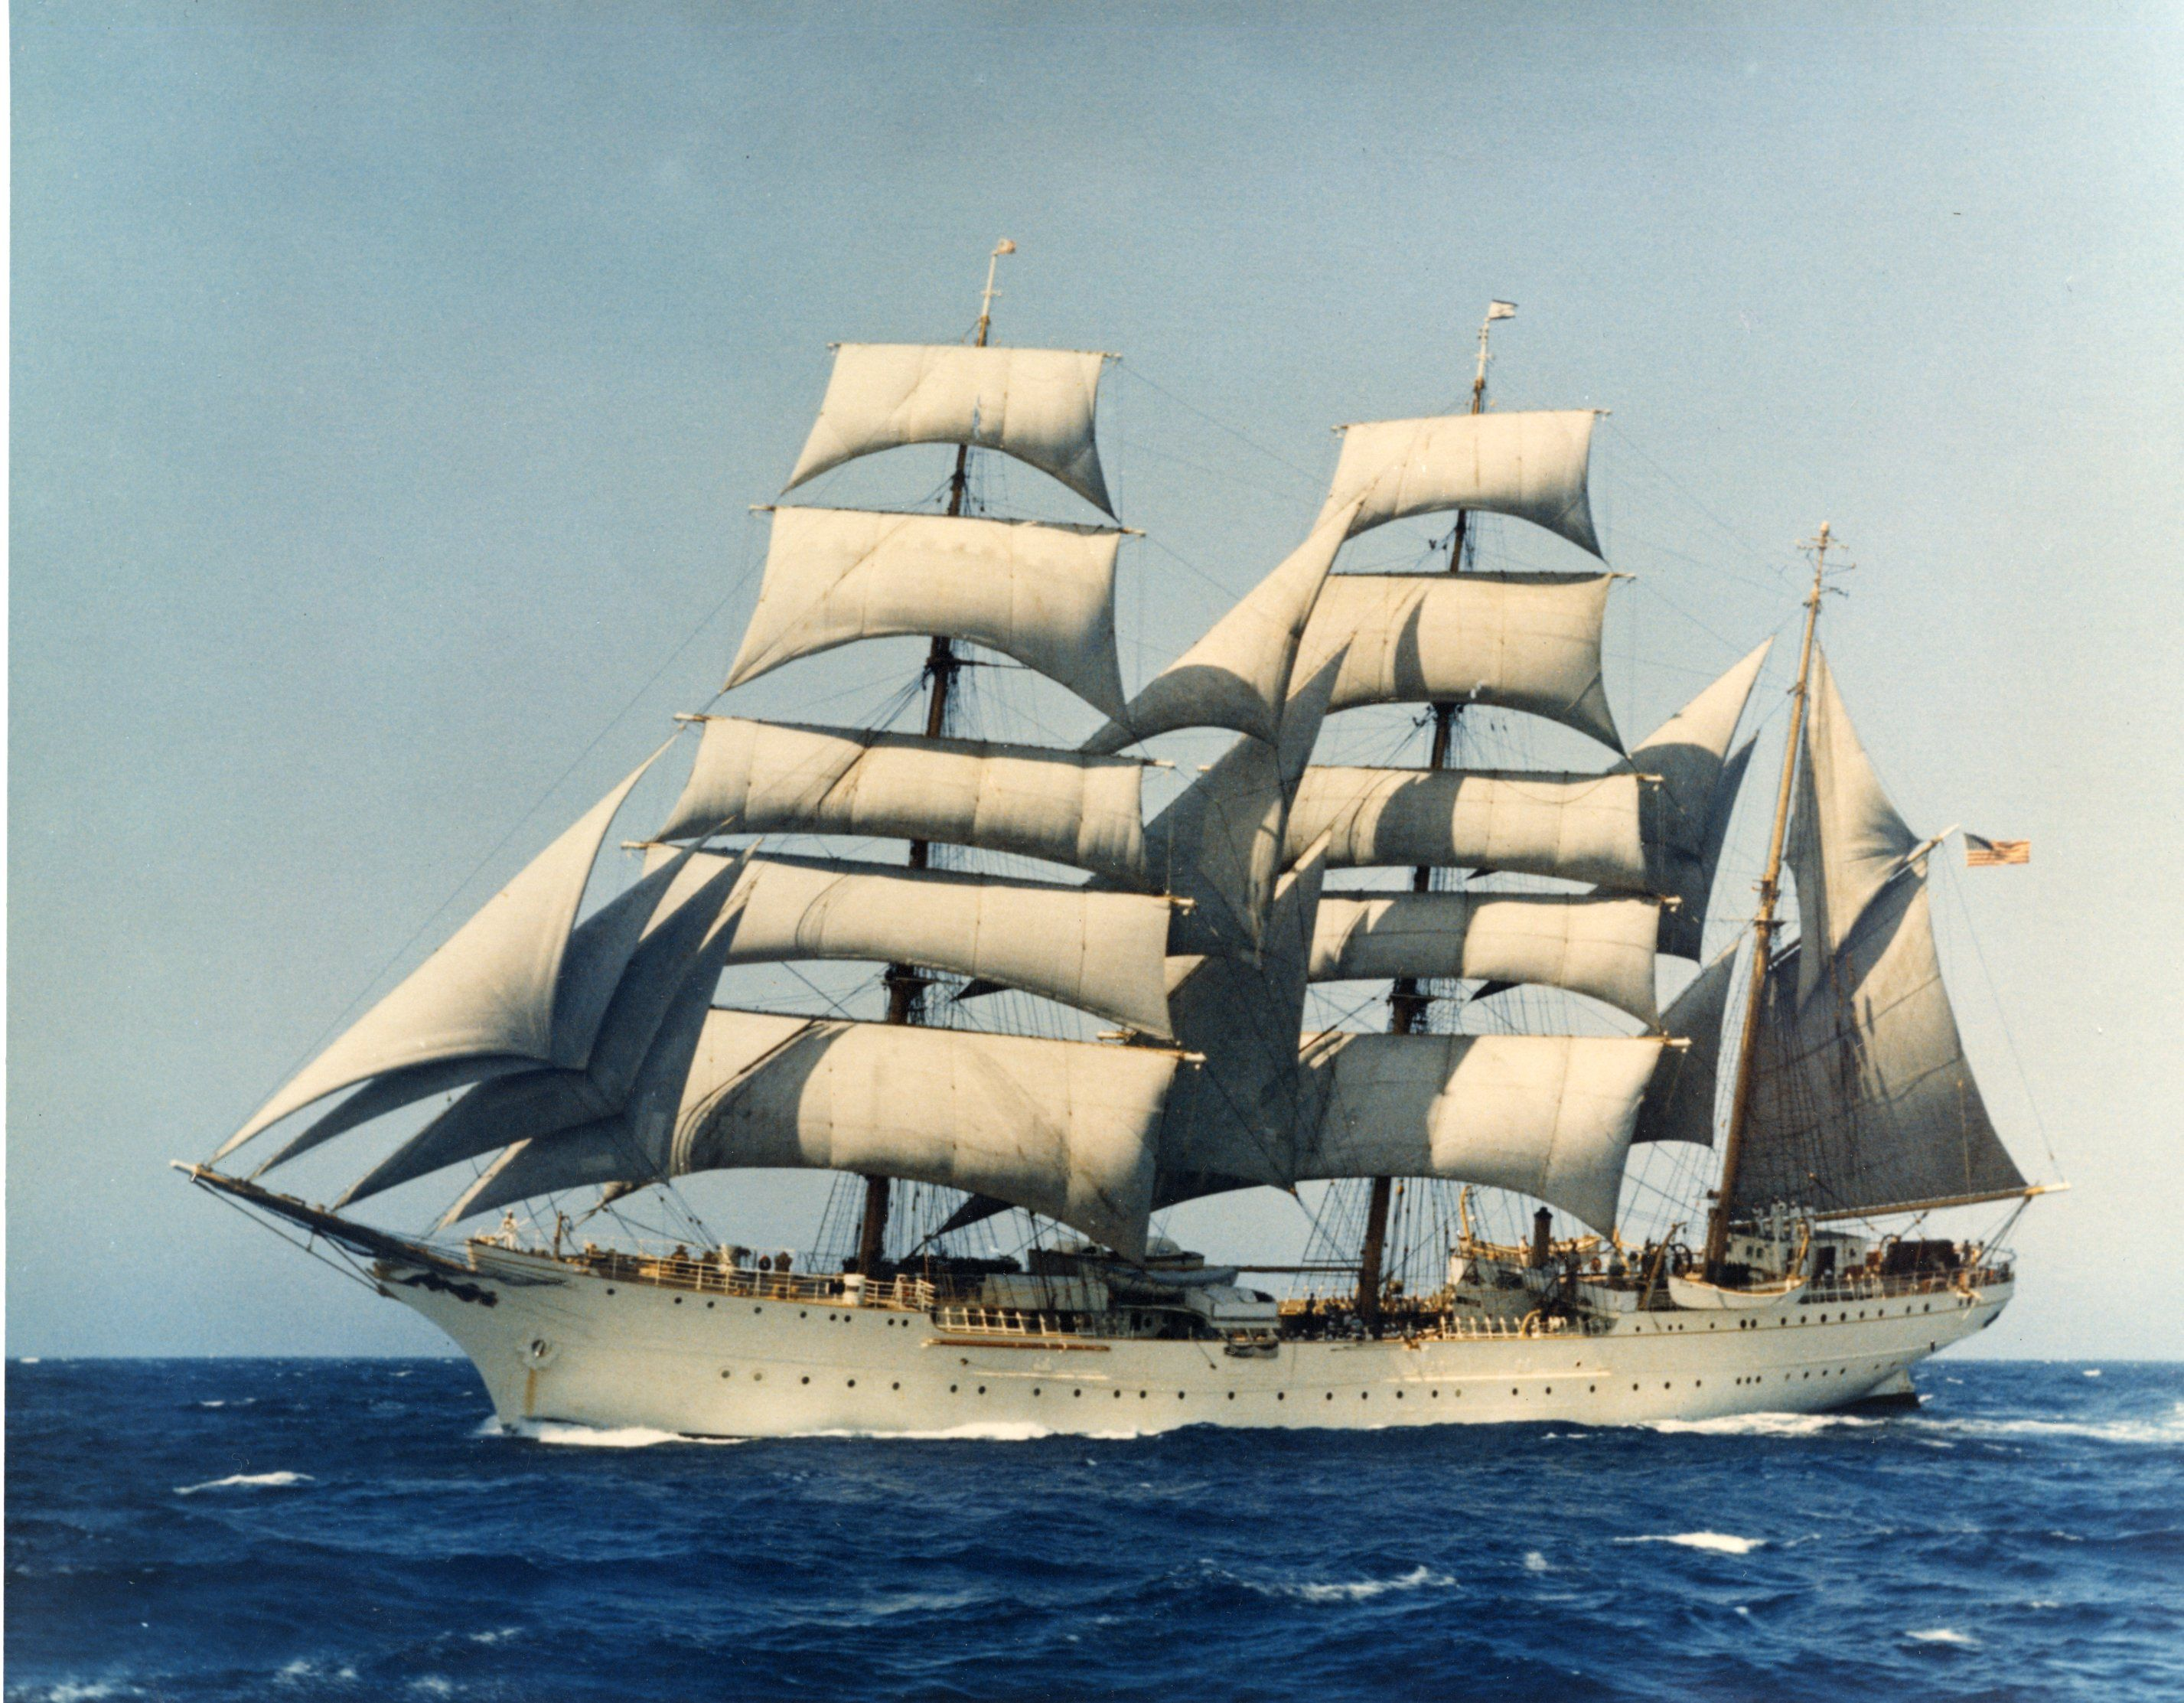 Uscgc Eagle #Uscg #Eagle #Barque #1812 #Unitedstatescoastguard